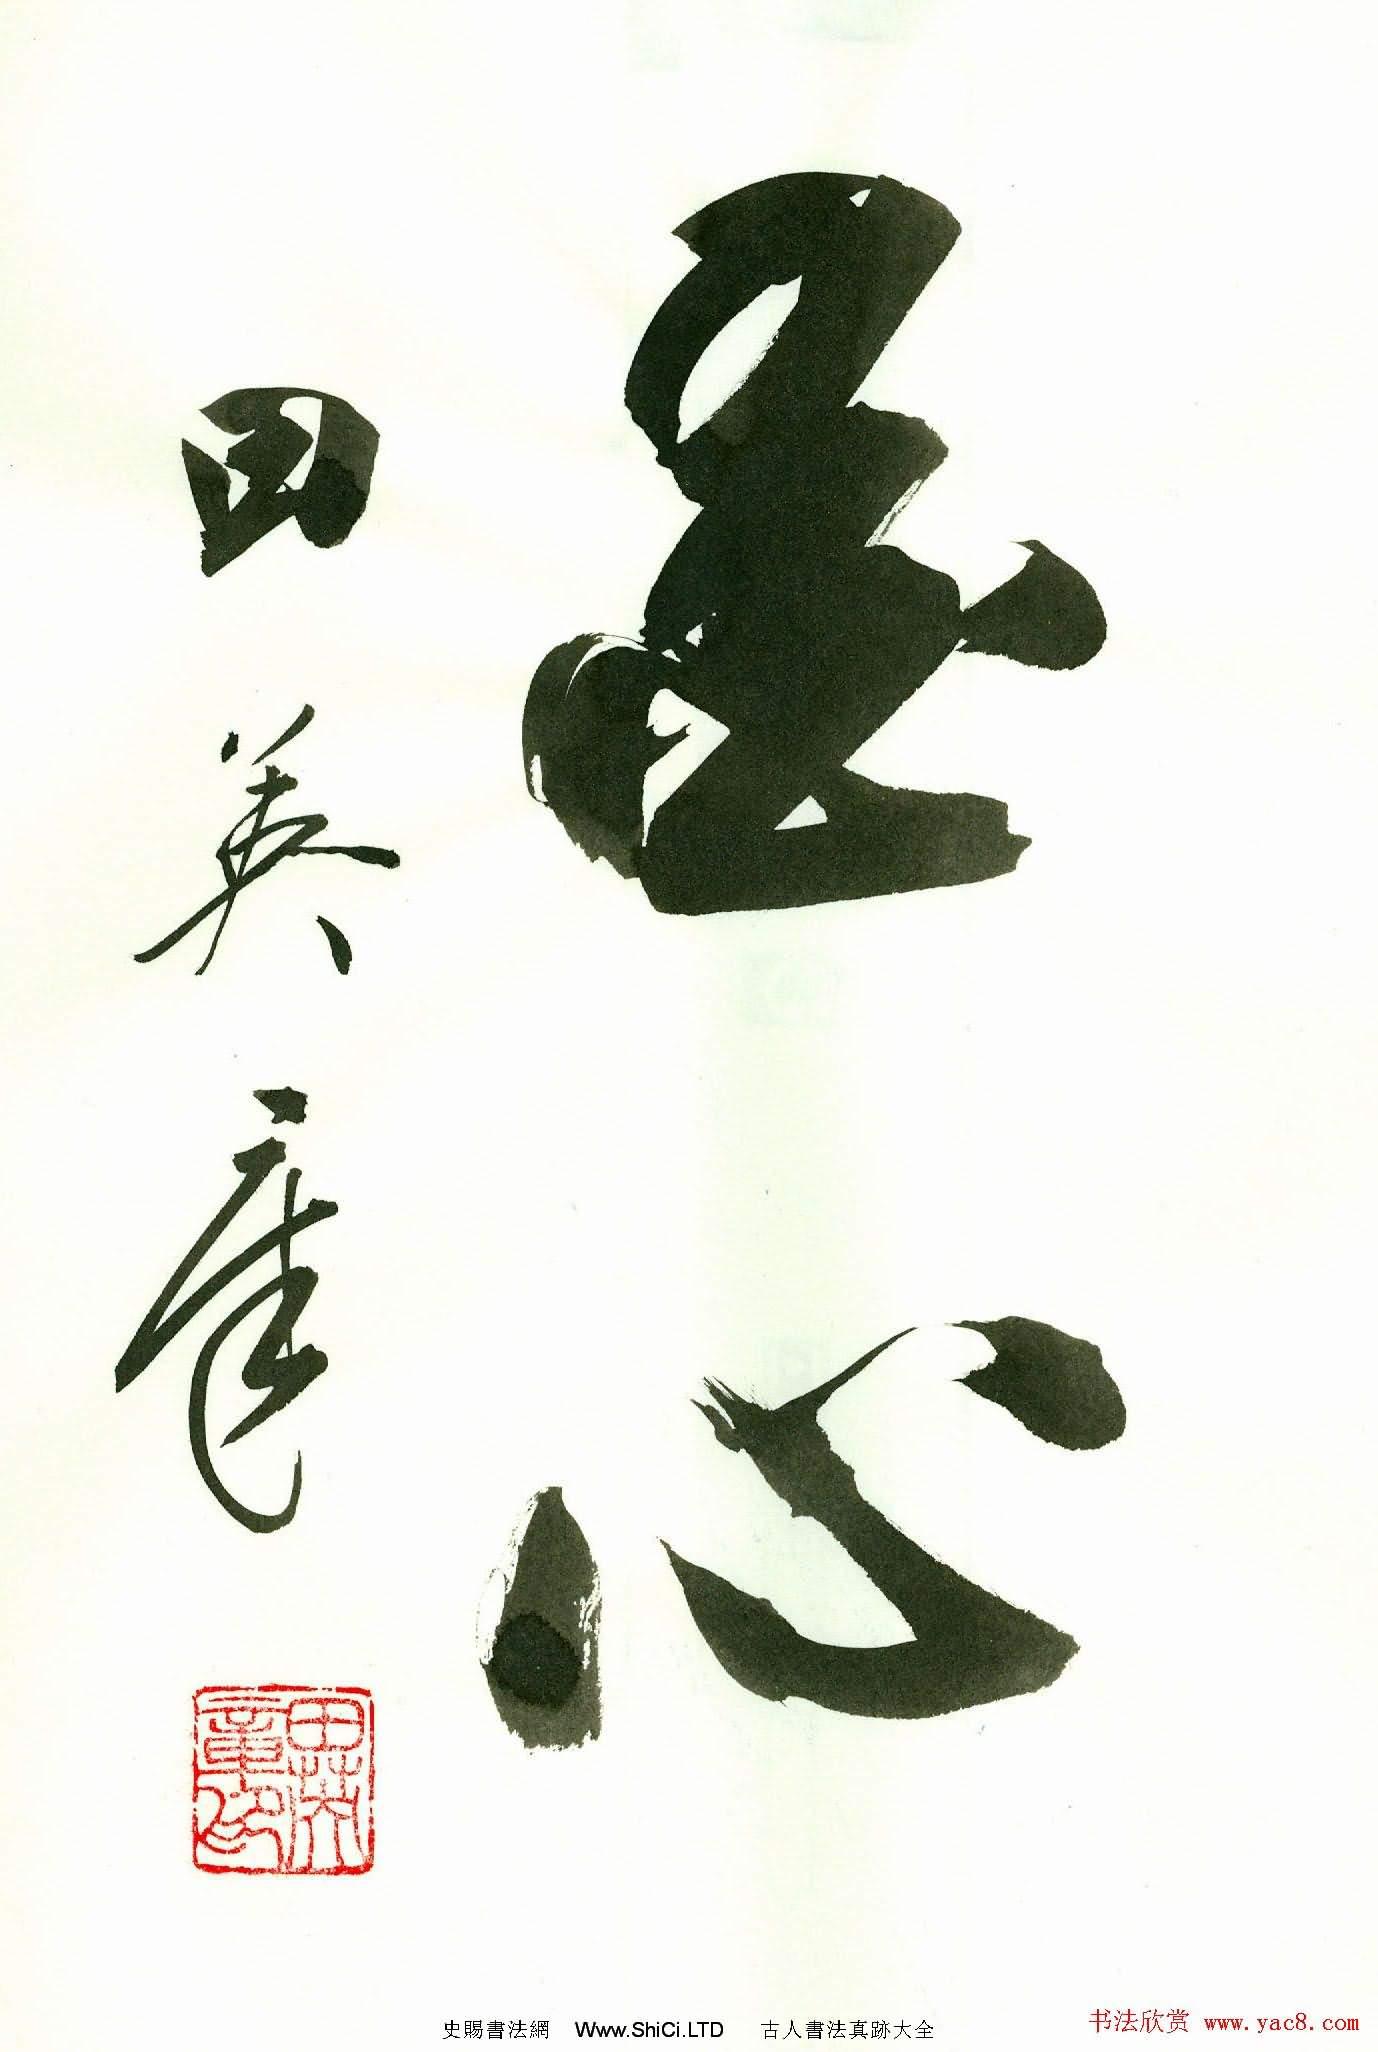 田英章2字書法行書作品真跡第一輯(共42張圖片)